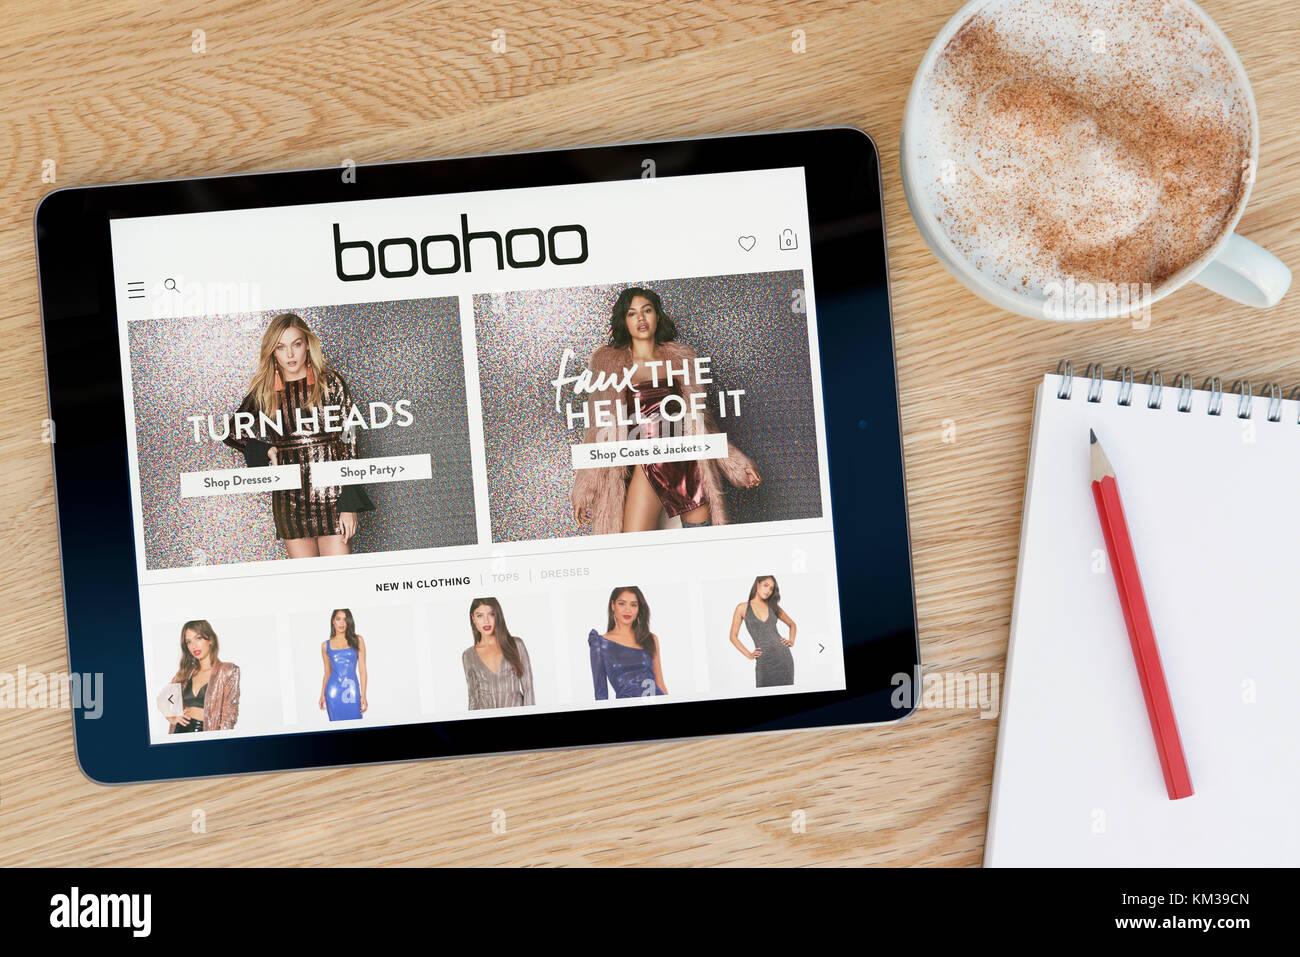 8285f959292 Le site web dispose d'un sur Boohoo iPad tablet device qui repose sur une